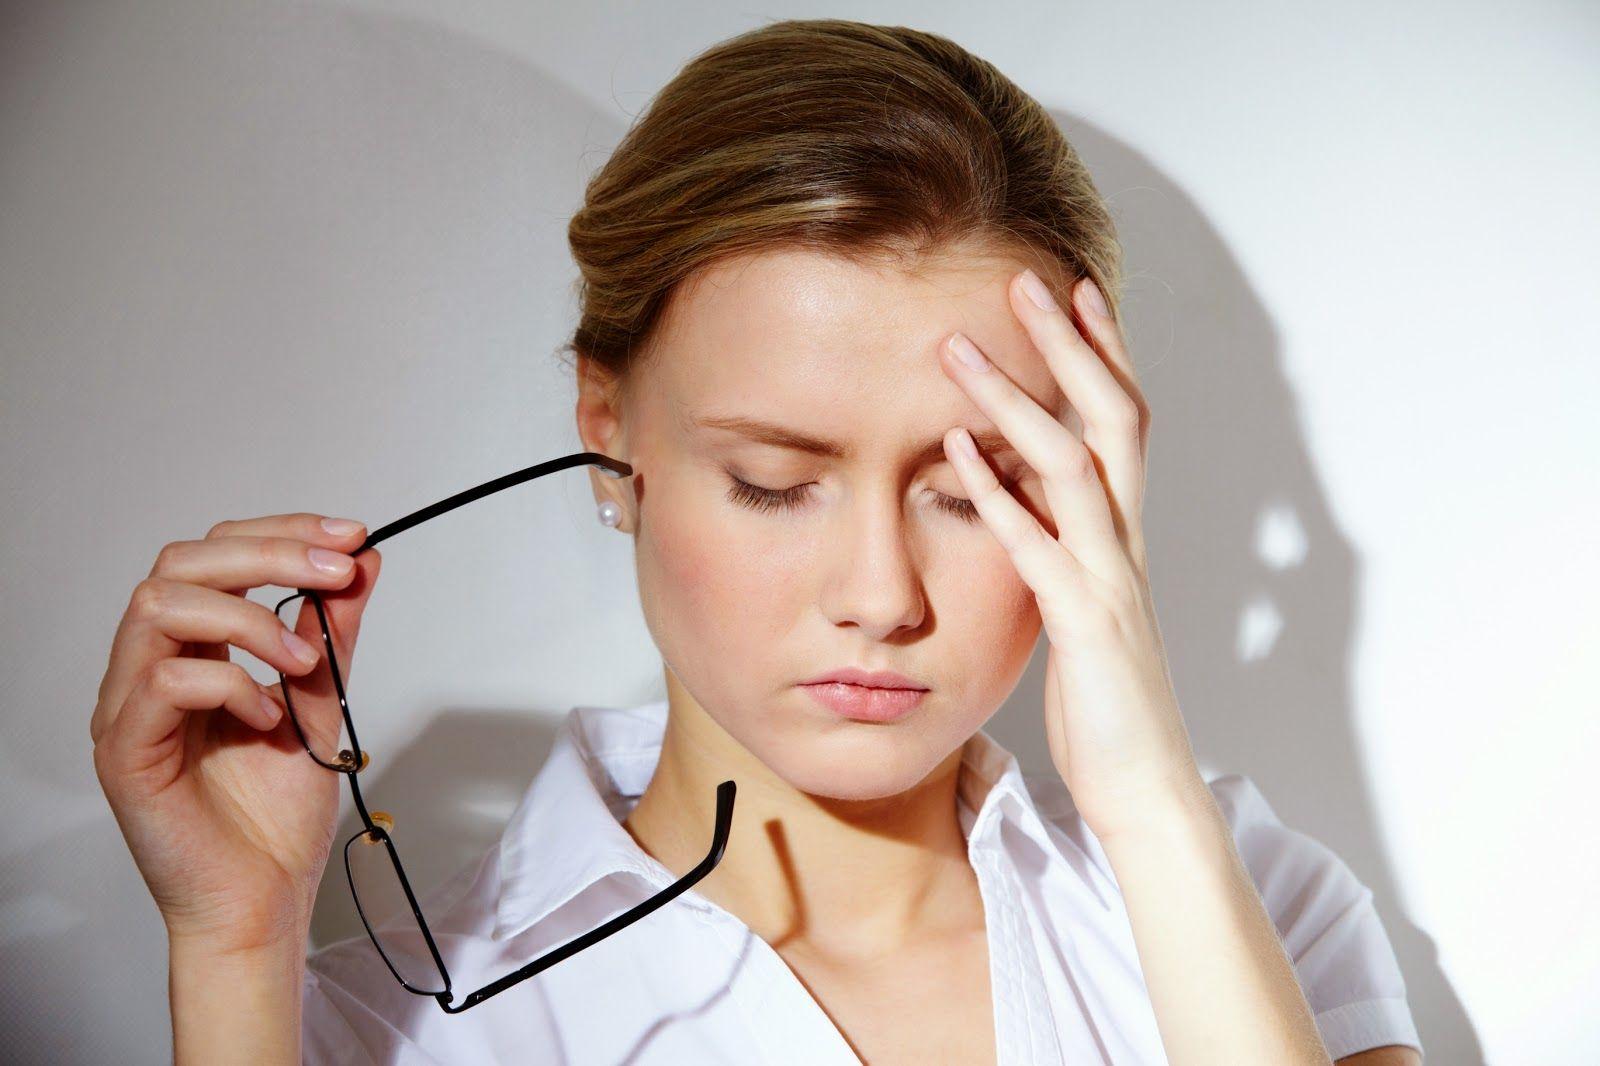 Trị mất ngủ tốt hơn cả ngàn lần thuốc an thần chỉ nhờ 1 trái chuối đơn giản